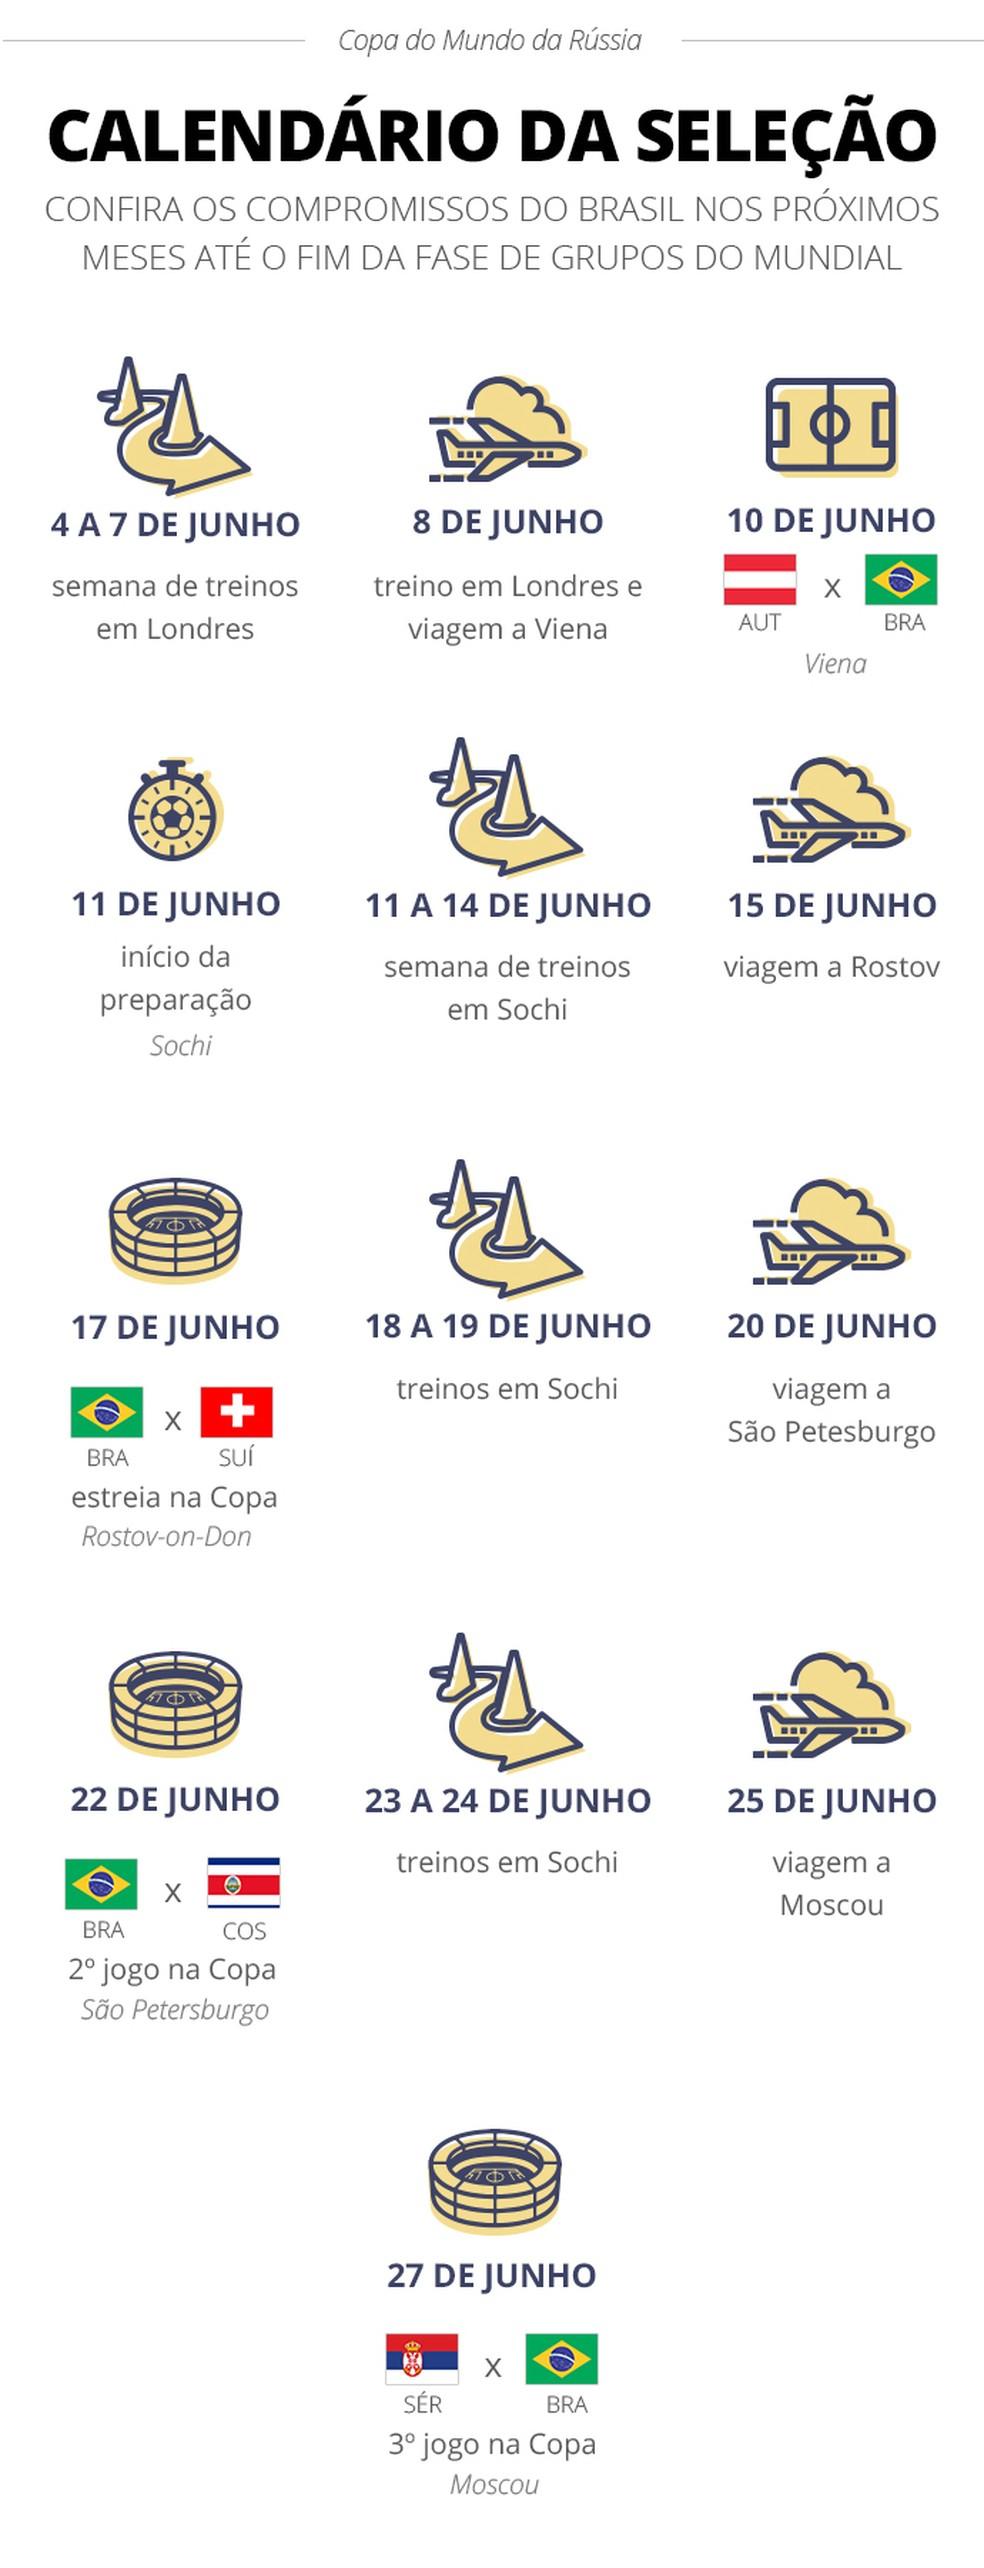 Calendario Selecao (Foto: infoesporte)